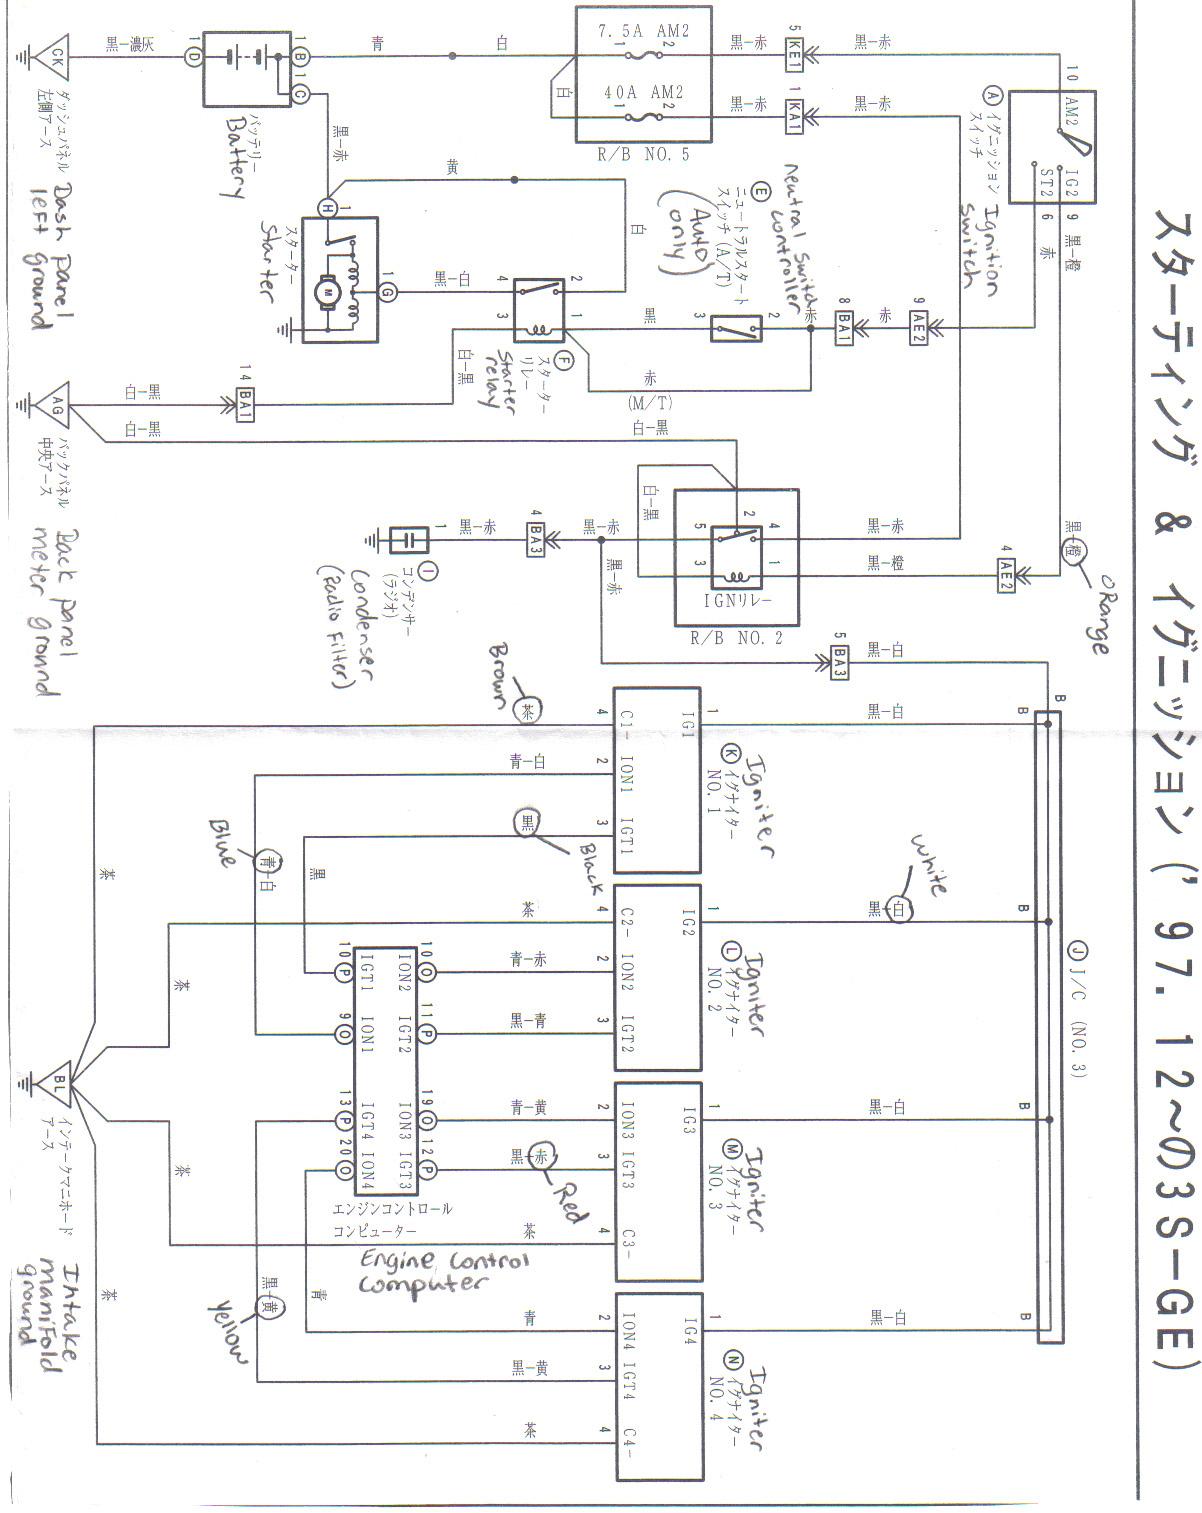 Metra 70 1771 Wiring Harness Diagram Metra Ford Wiring